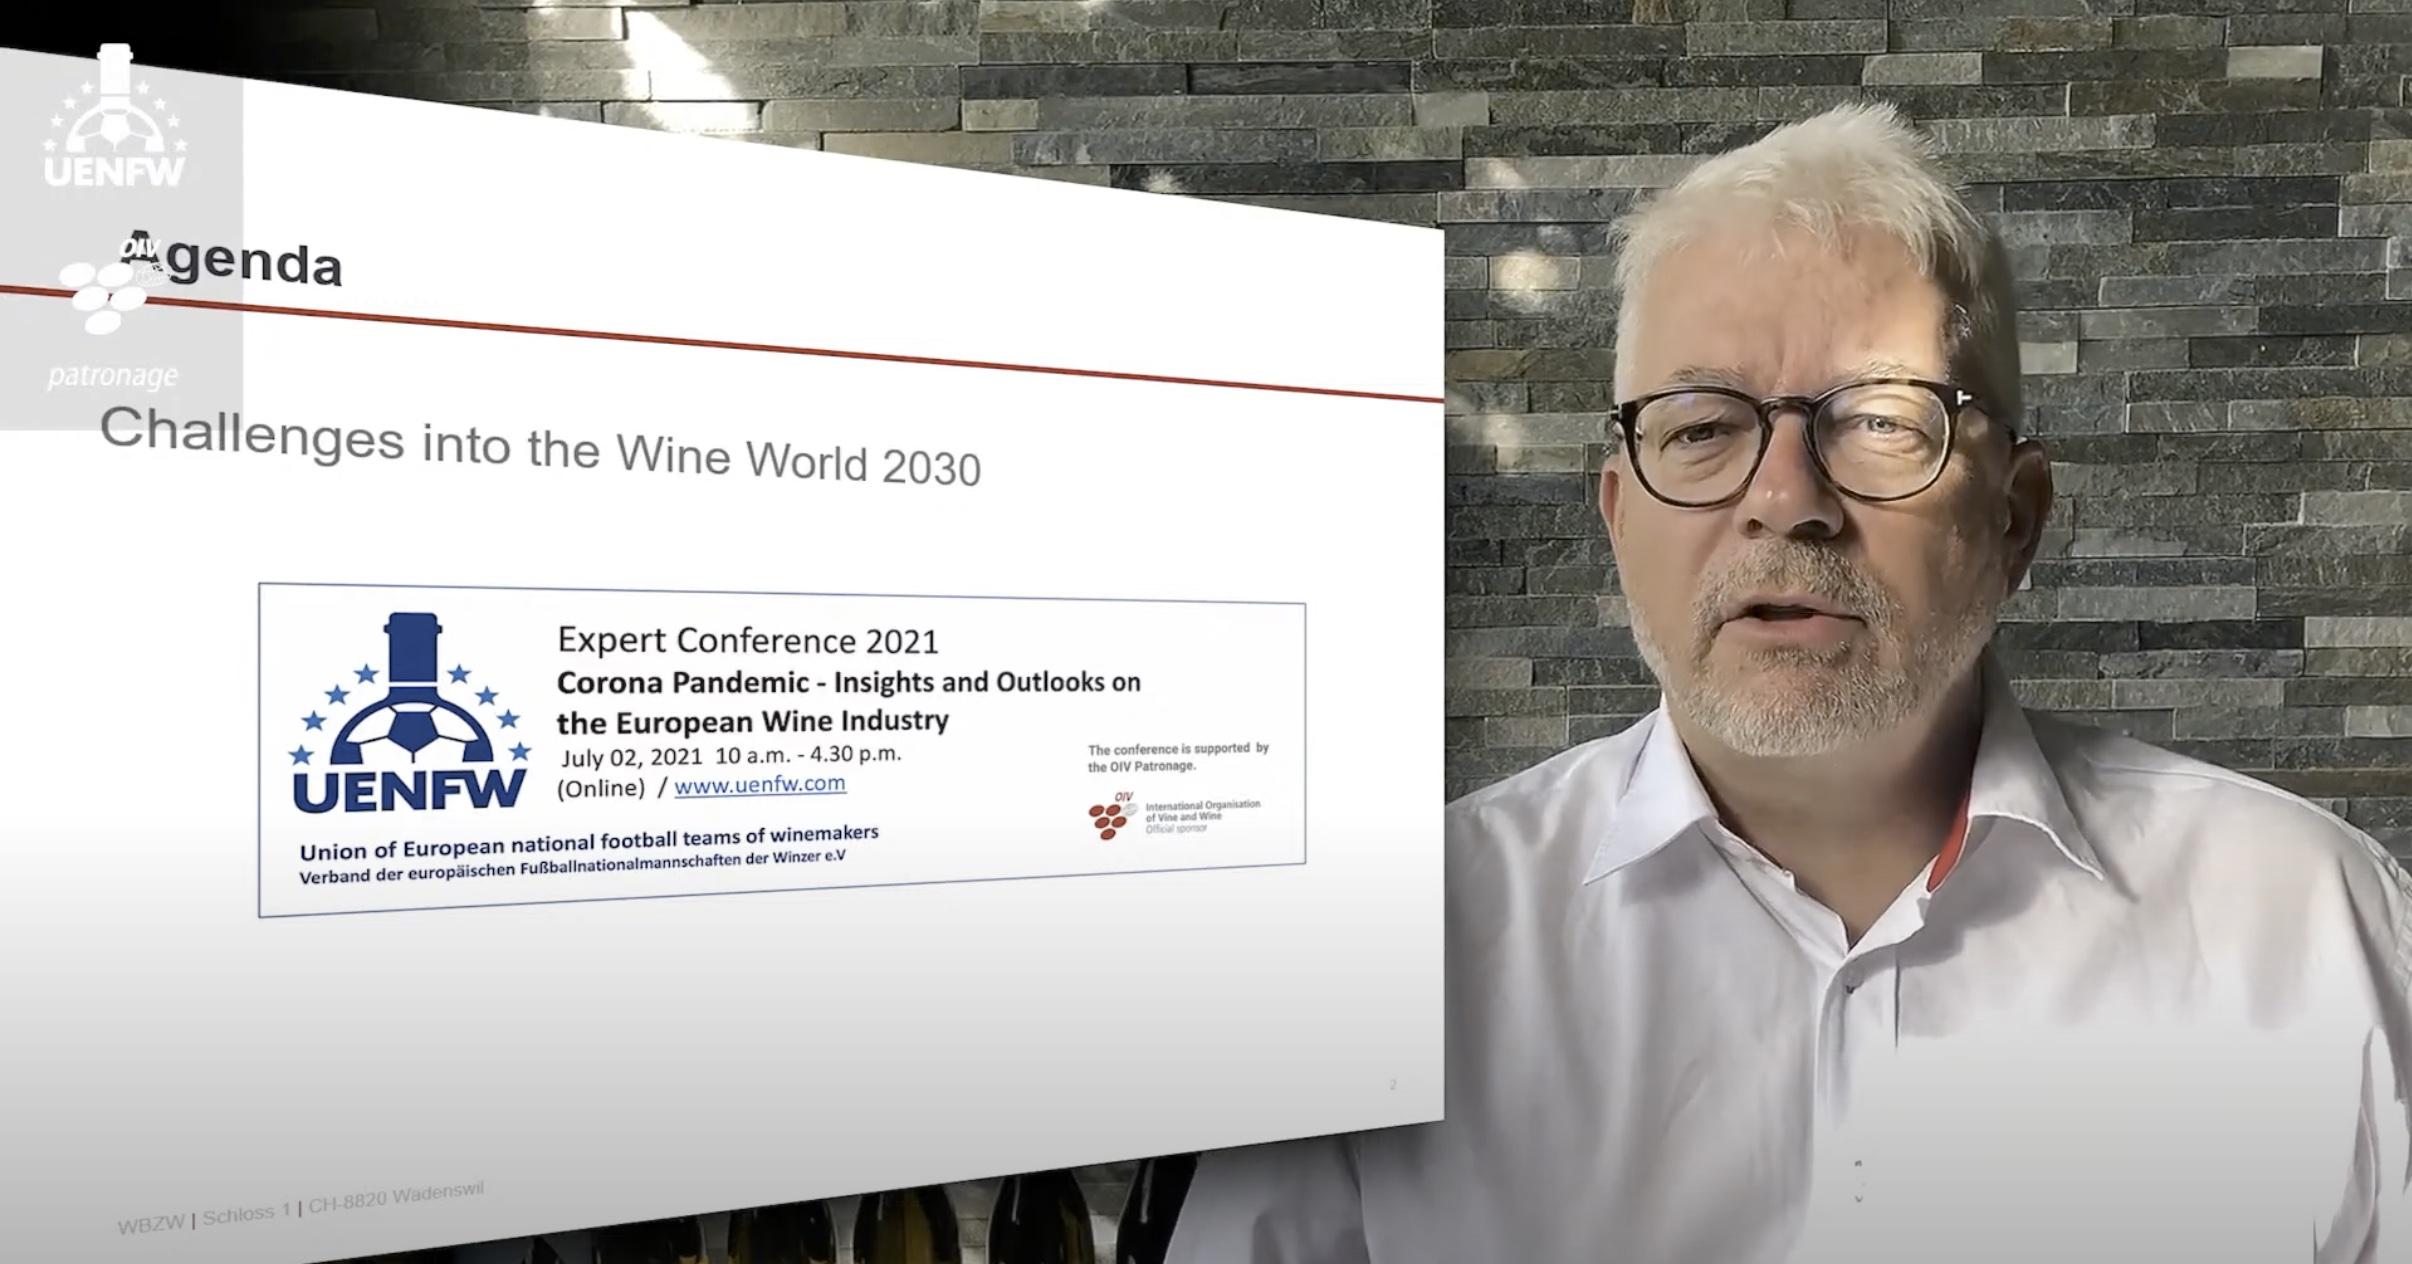 Als Präsident der Schweizer Winzer Fussballnati moderierte Martin Wiederkehr die internationale Fachkonferenz.